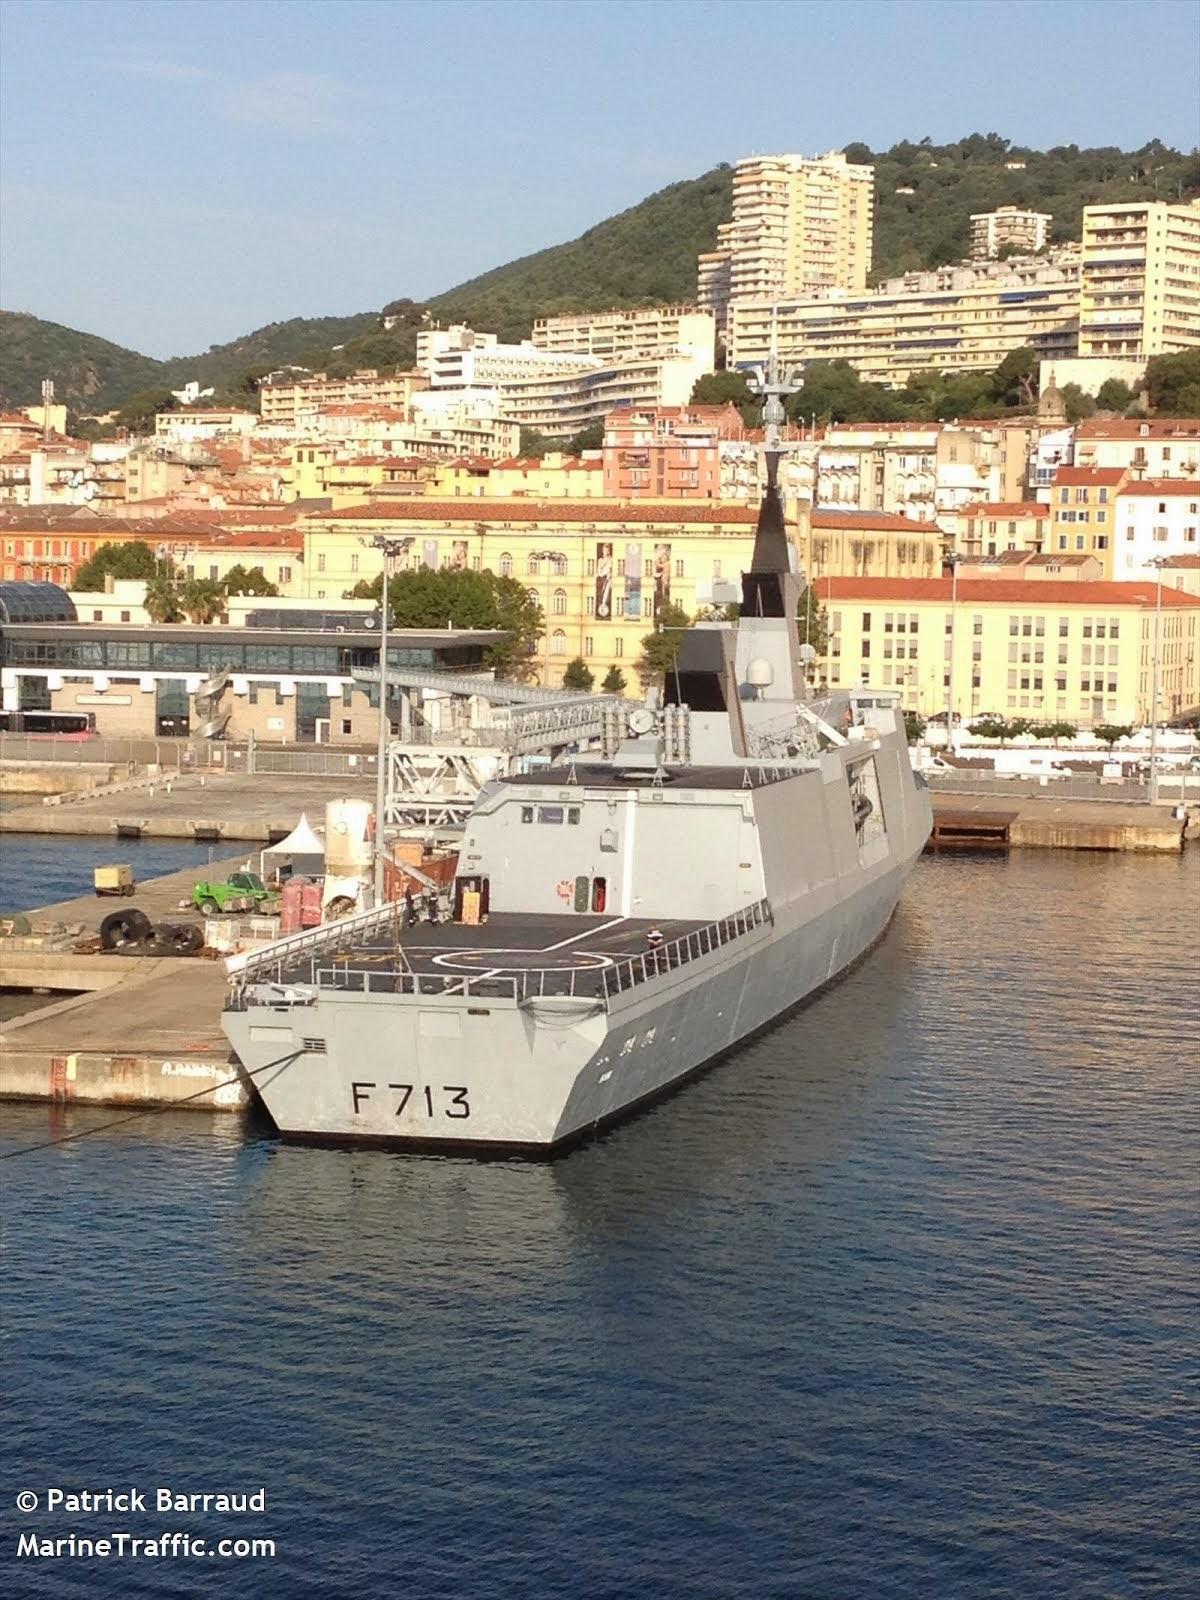 .Η κίνηση των πλοίων ! (MarineTraffic) ΧΑΡΤΗΣ ΠΛΟΙΩΝ ΠΡΑΓΜΑΤΙΚΟΥ ΧΡΟΝΟΥ